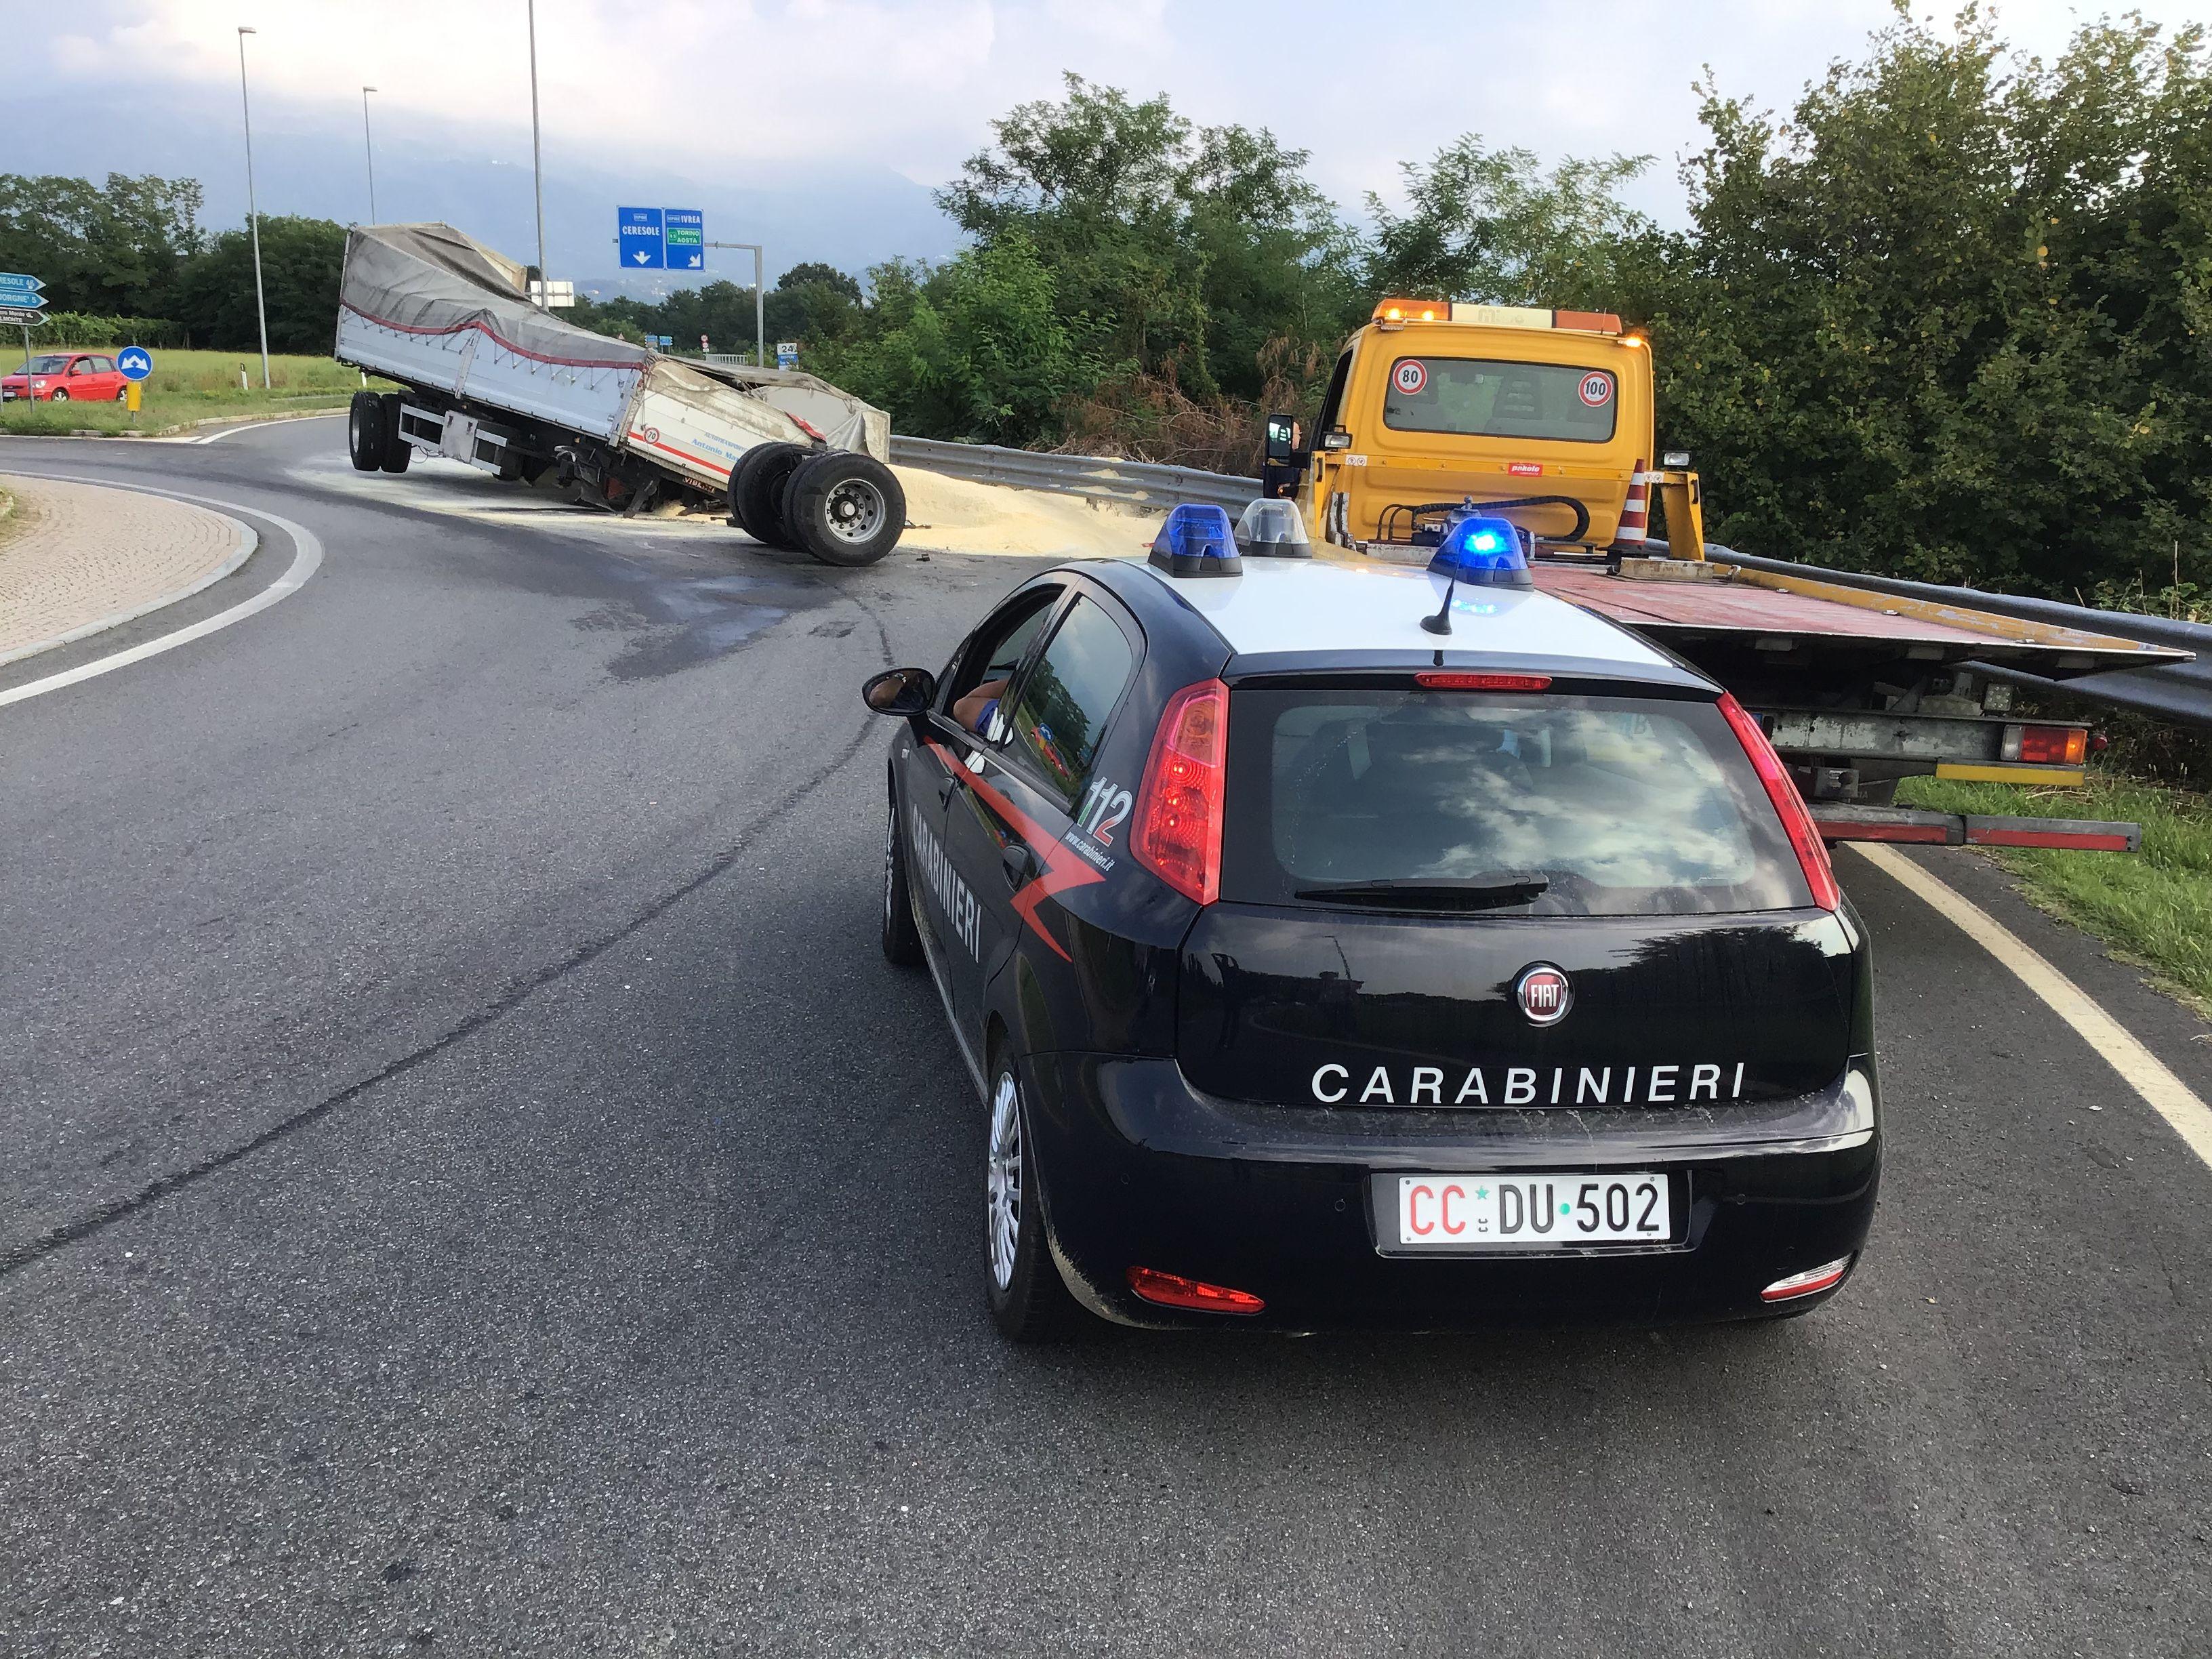 SALASSA-RIVAROLO CANAVESE - Camion spacca le ruote e perde la farina sulla rotonda della 460 - FOTO